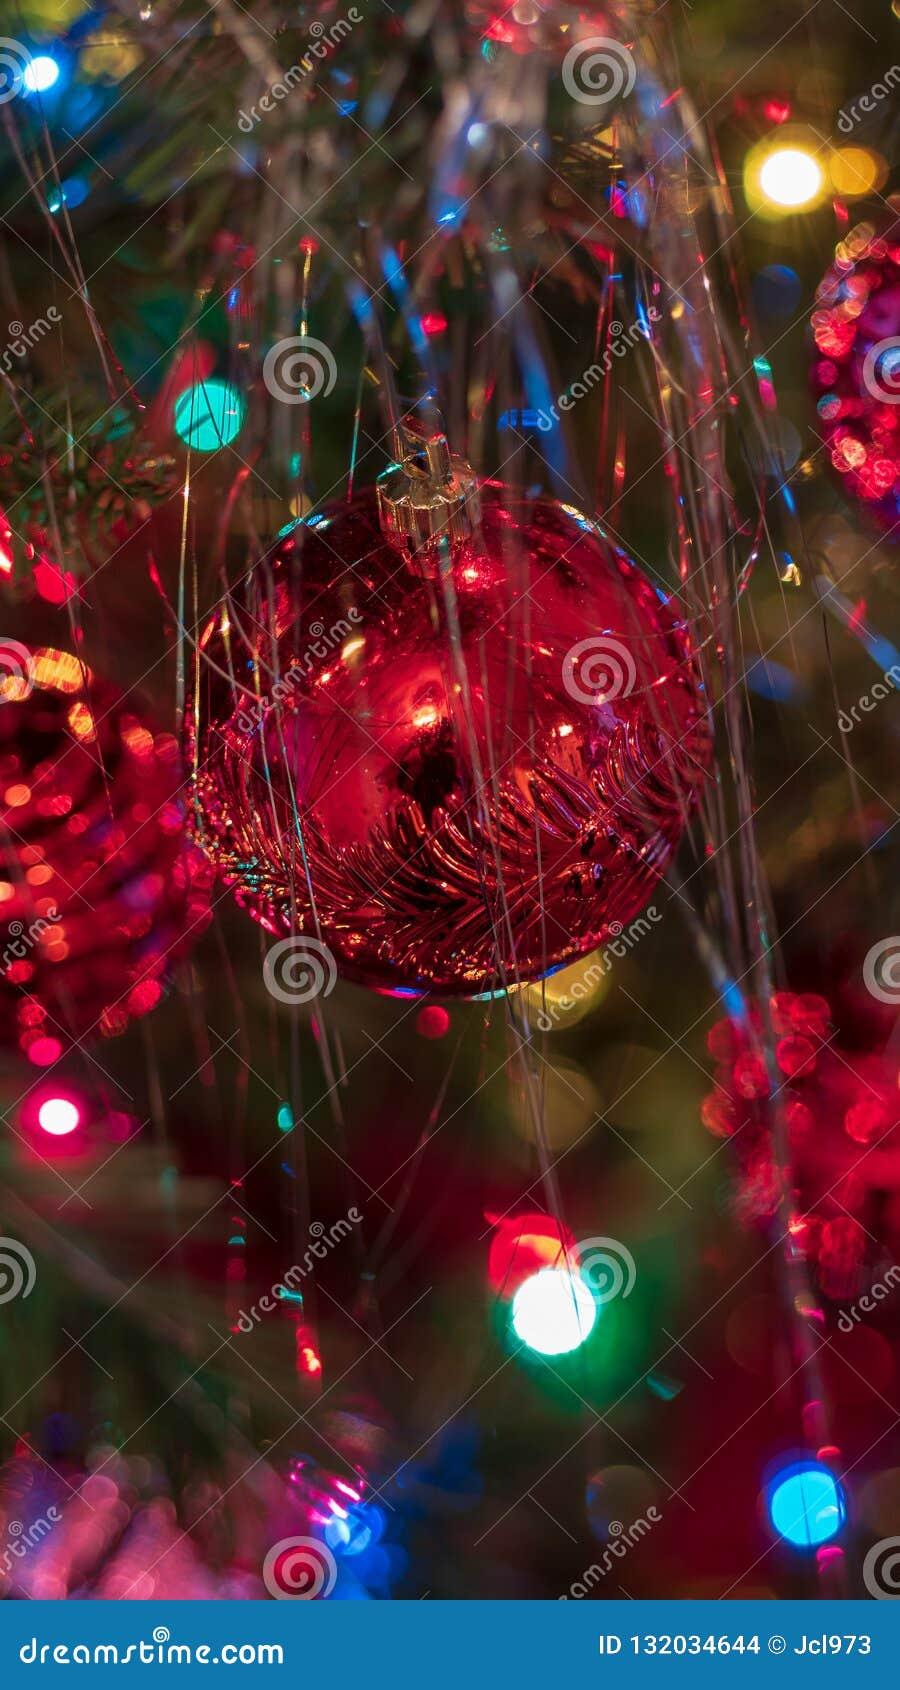 Los ornamentos brillantemente coloreados, alegres del árbol de navidad colgaron para arriba con las luces y la malla